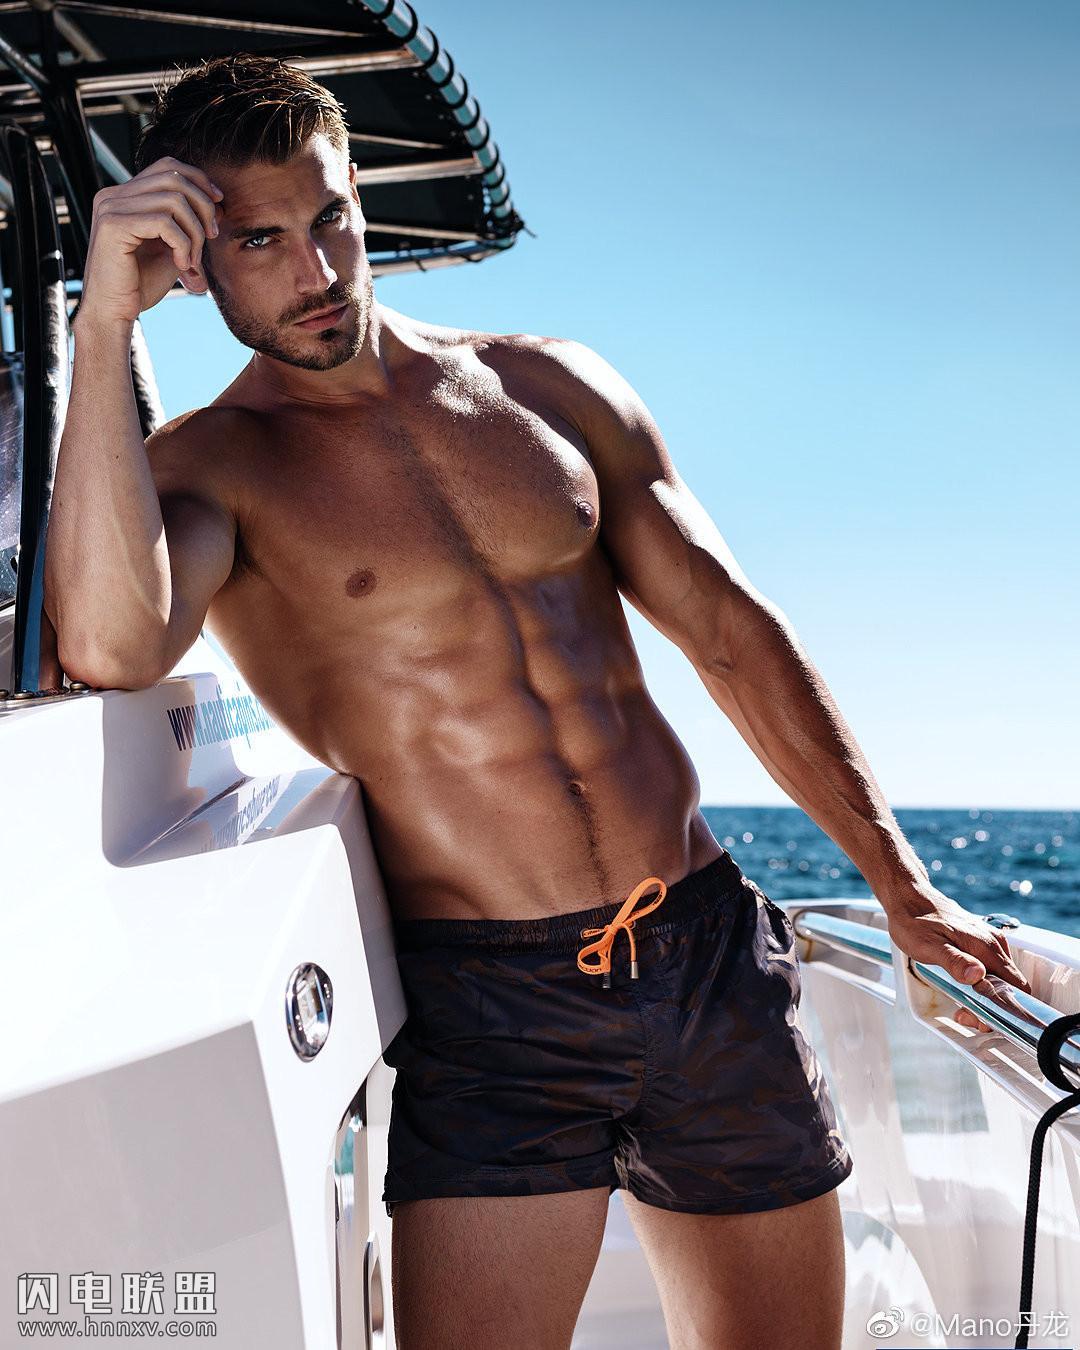 欧美高颜值性感肌肉帅哥图片